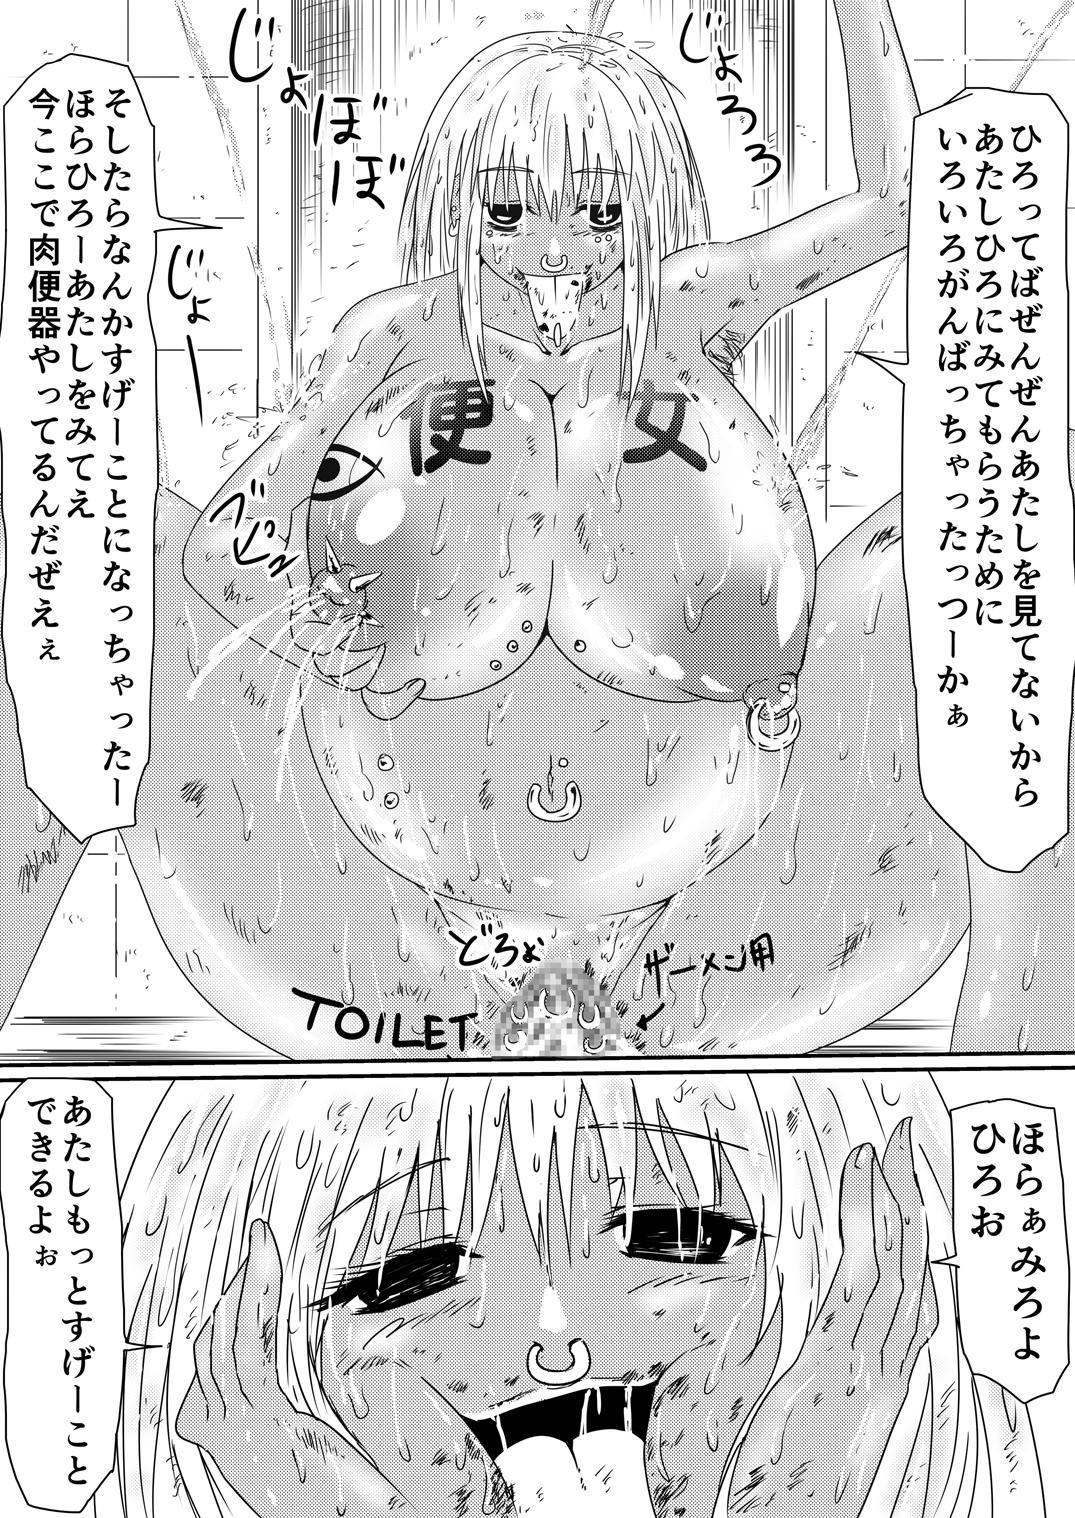 Mashou no Chinko o Motsu Shounen Kouhen 52